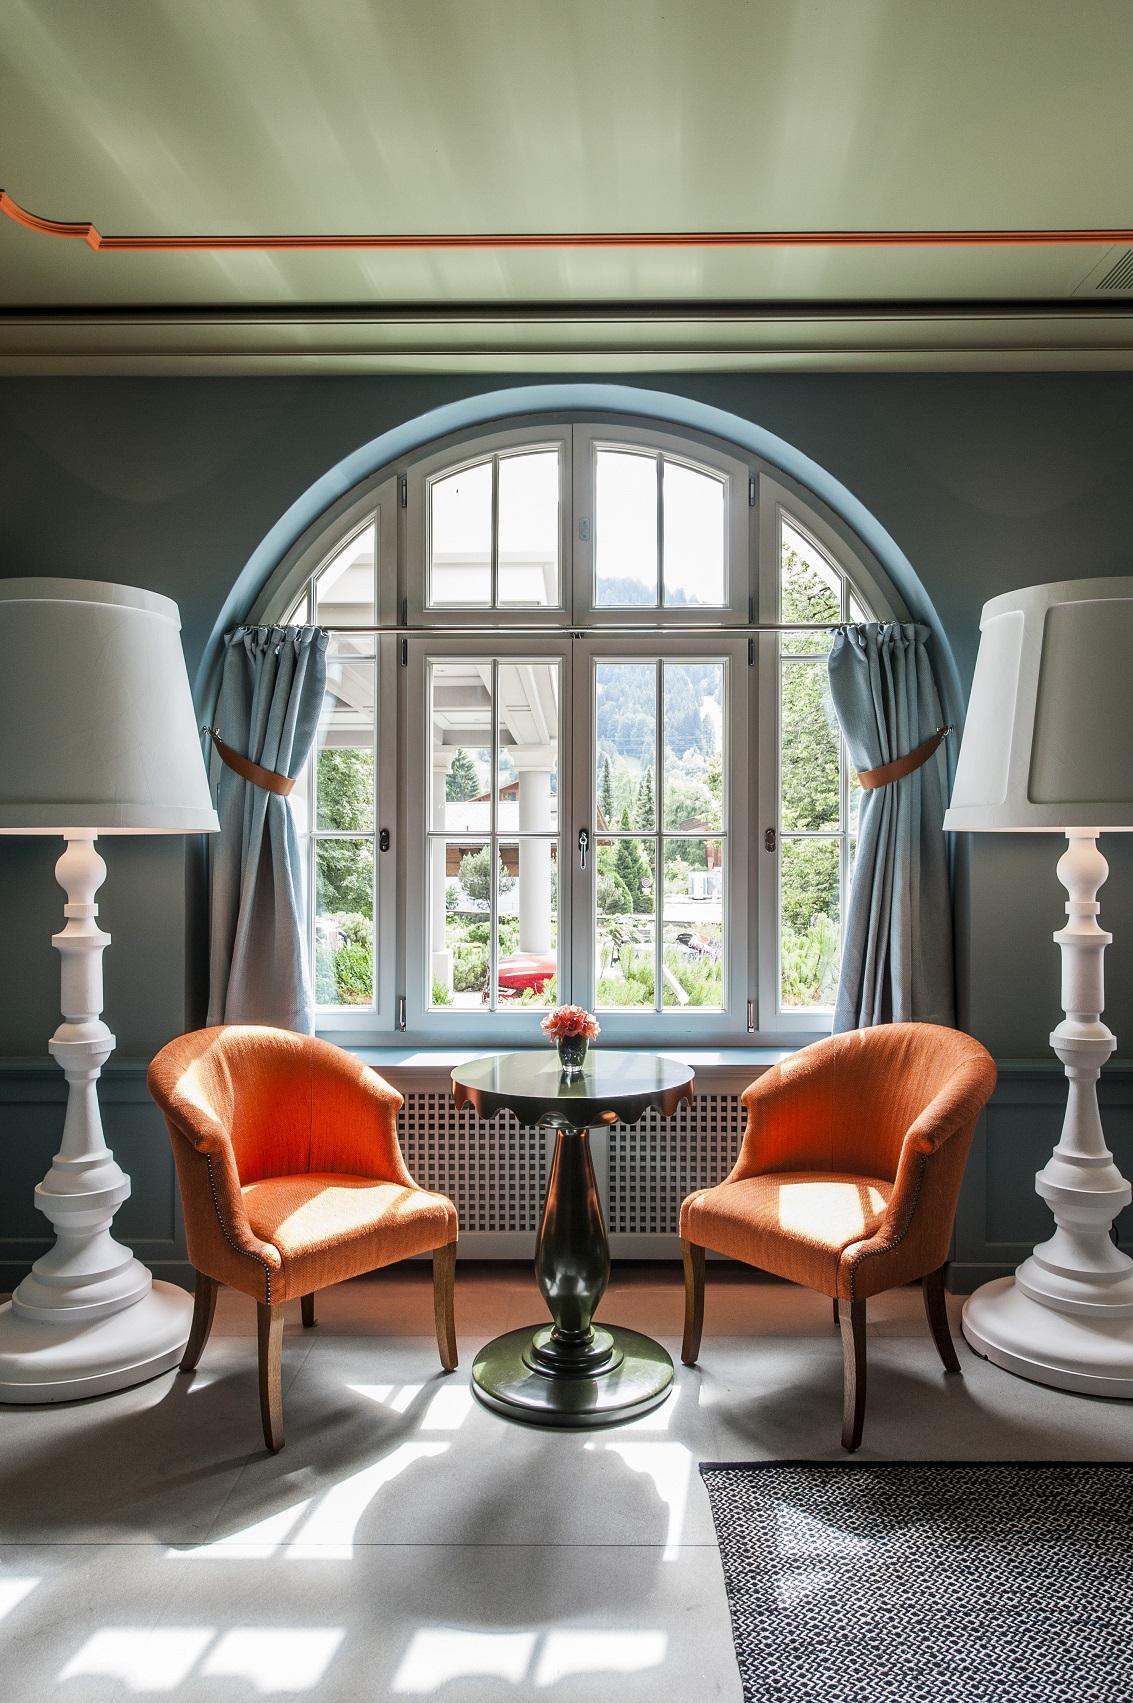 Hotel Le Grand Bellevue In Gstaad, Switzerland